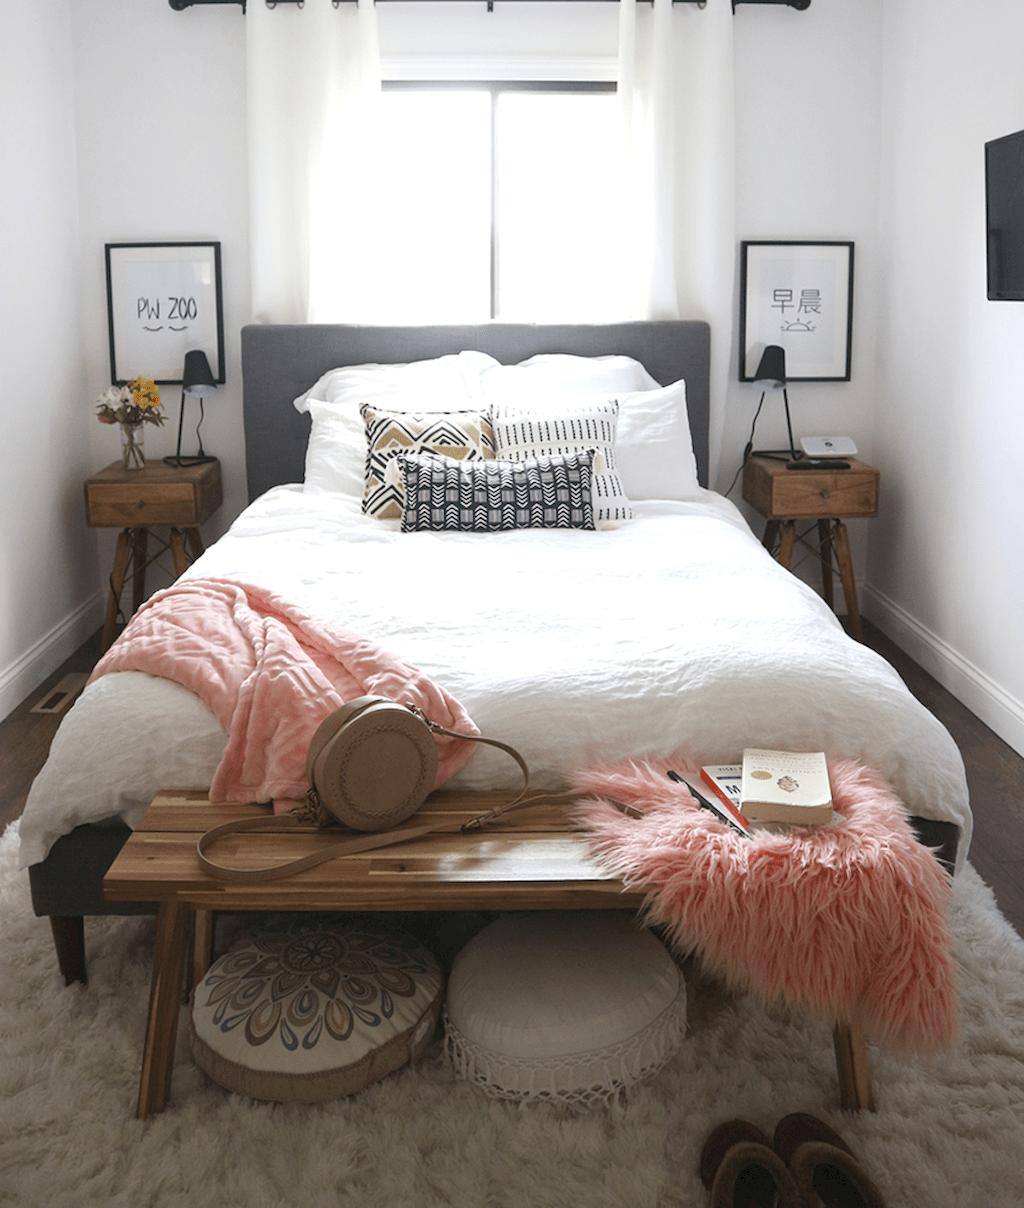 9 Fresh Small Master Bedroom Decor Ideas - DoitDecor